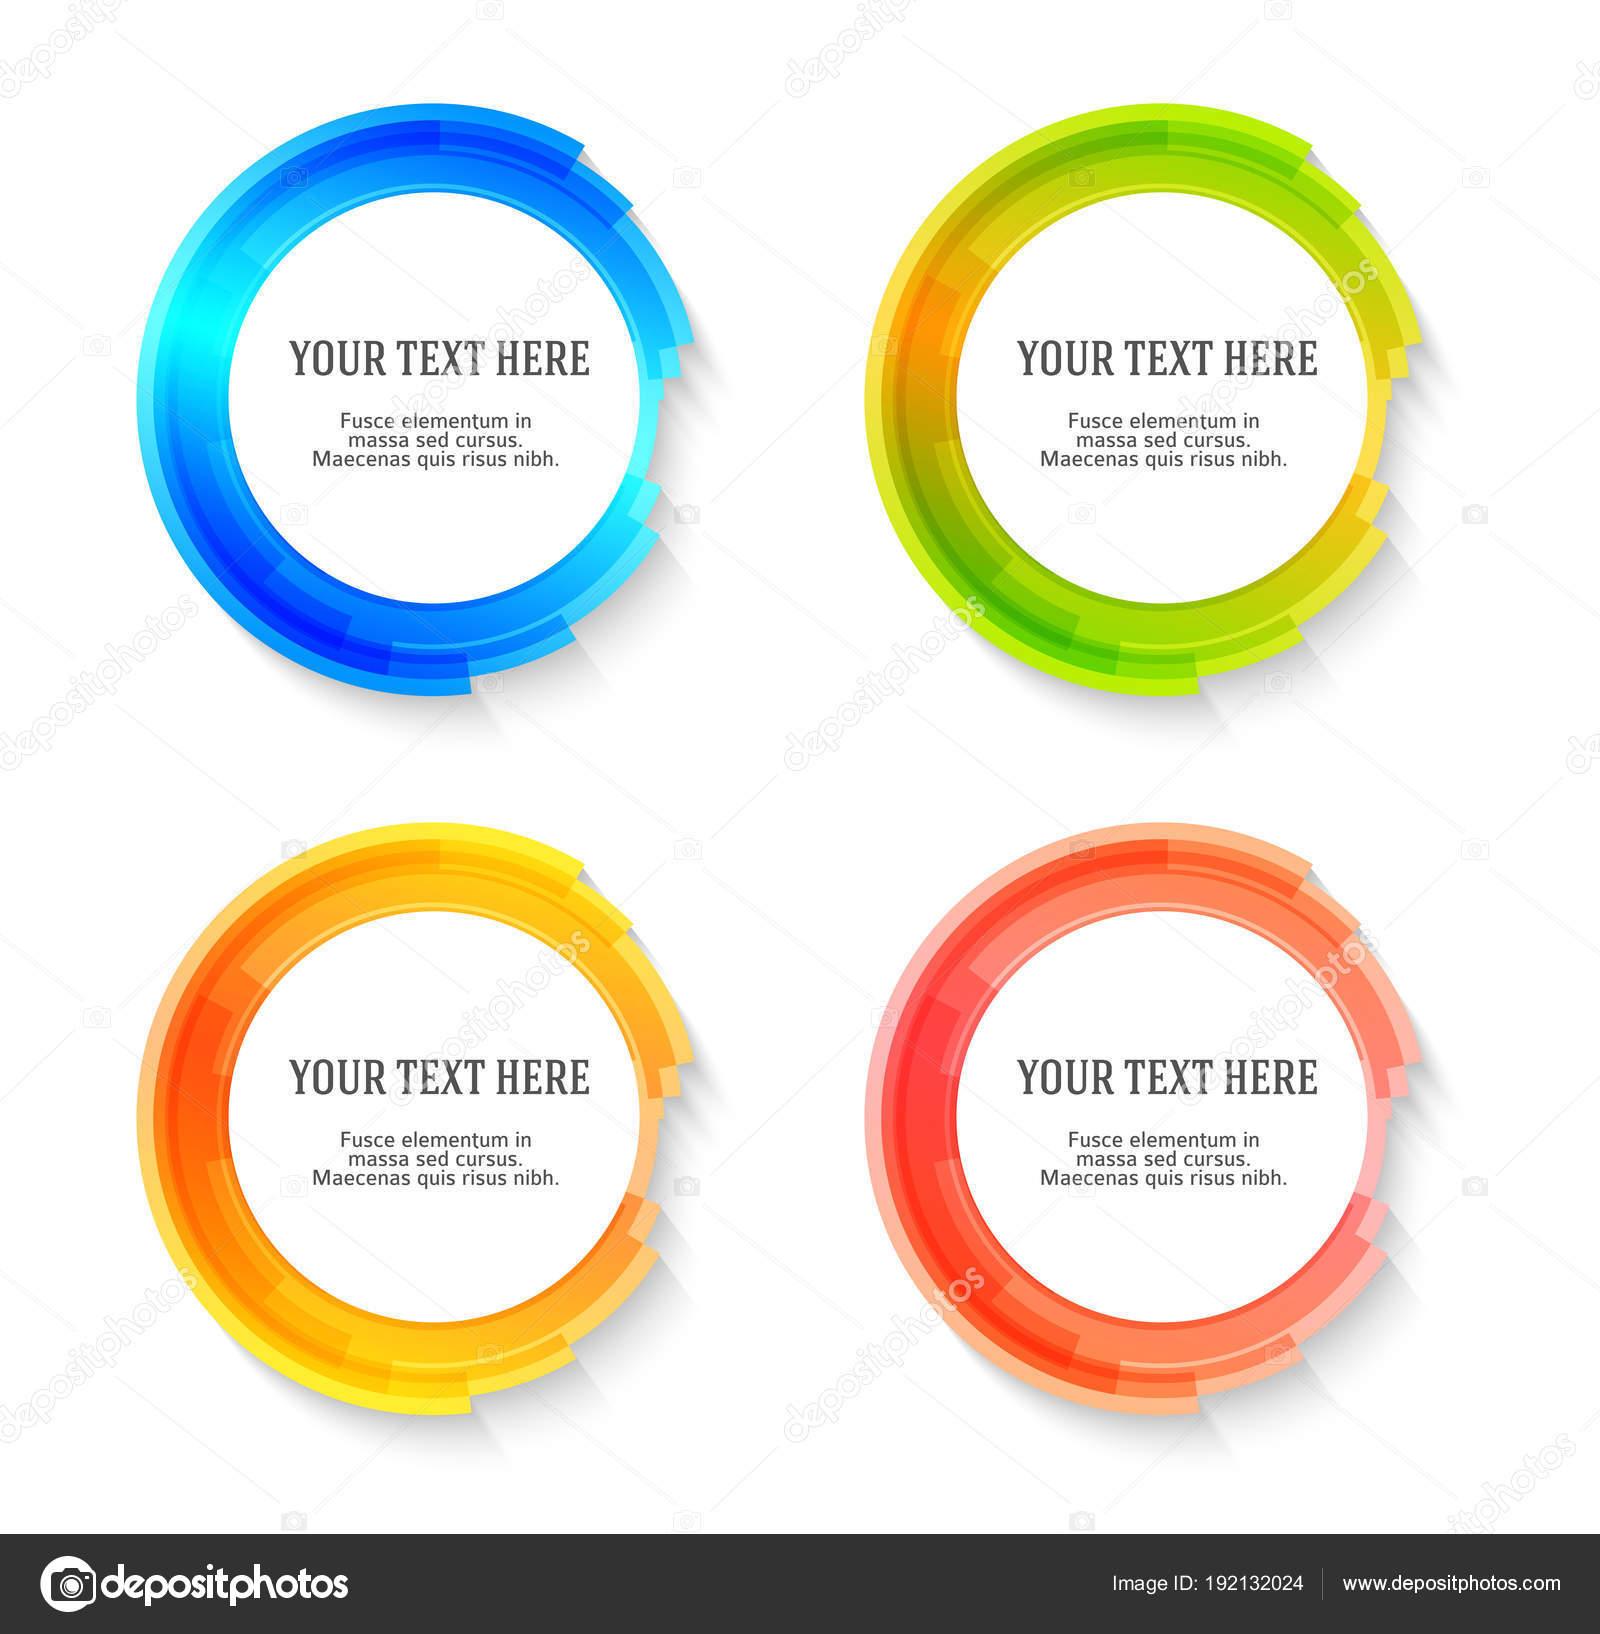 Legen Sie Label leere Vorlage verschwommen Farbskalen Kreis ring03 ...